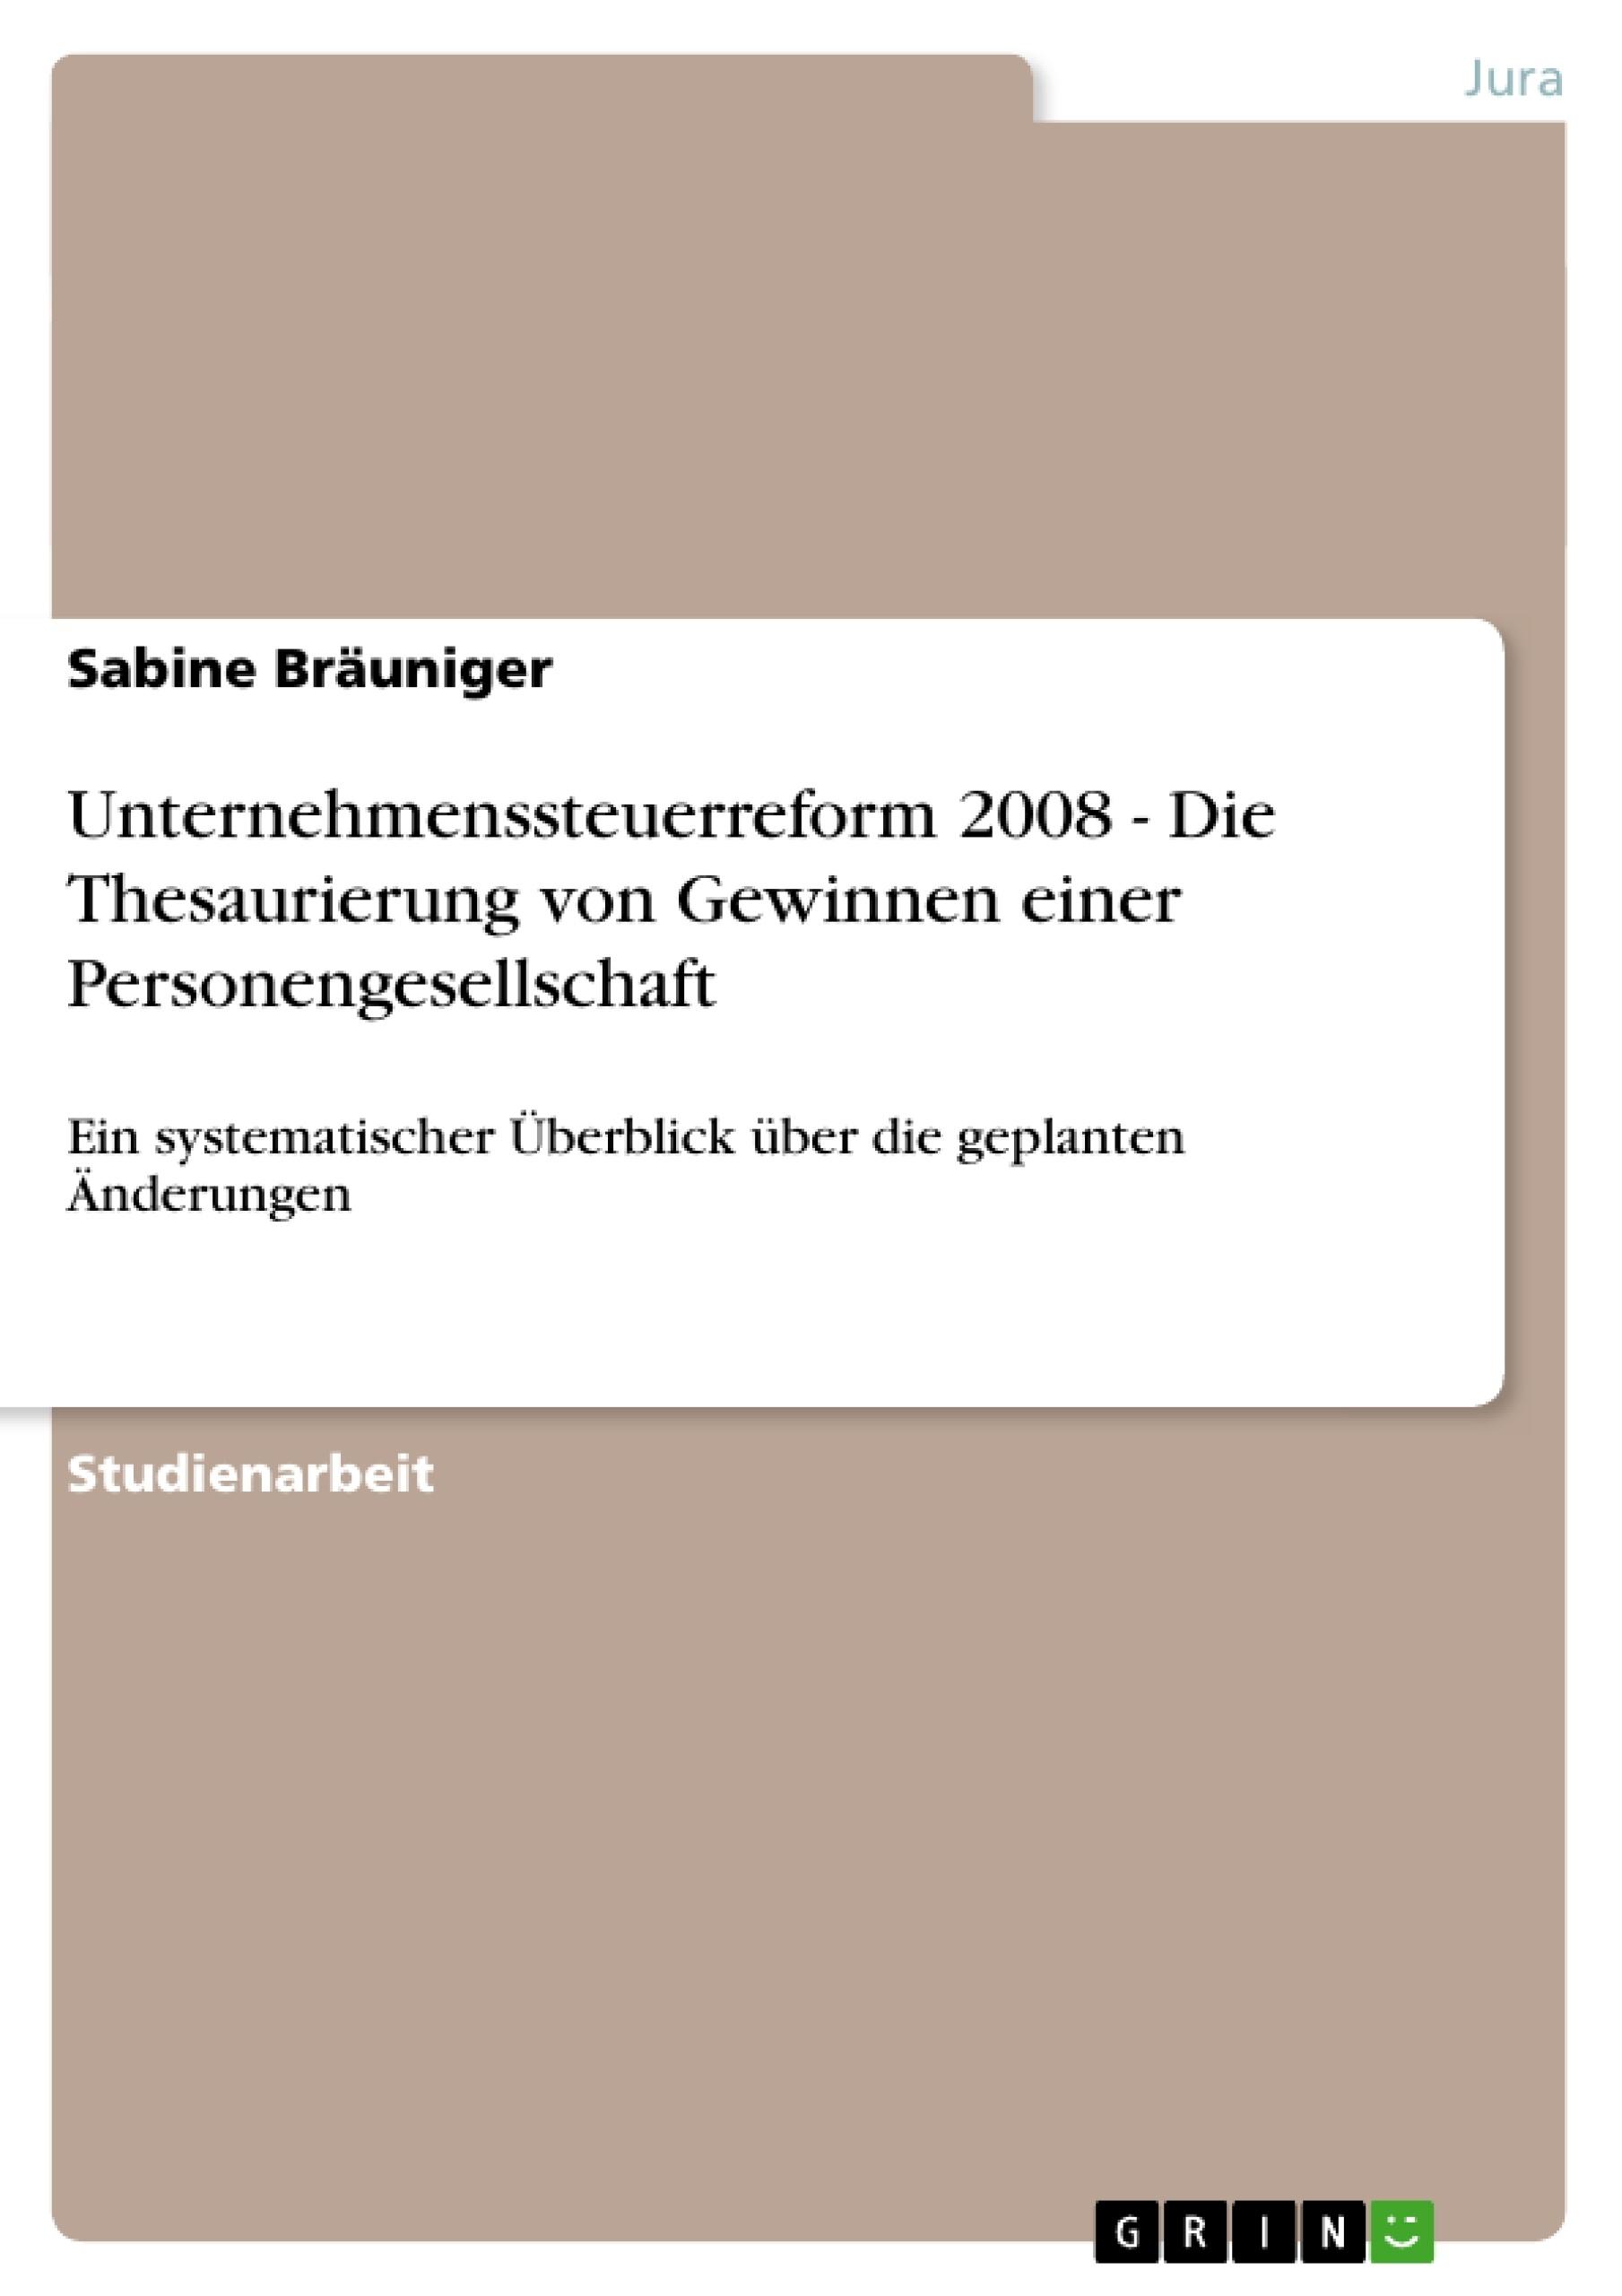 Titel: Unternehmenssteuerreform 2008 - Die Thesaurierung von Gewinnen einer Personengesellschaft